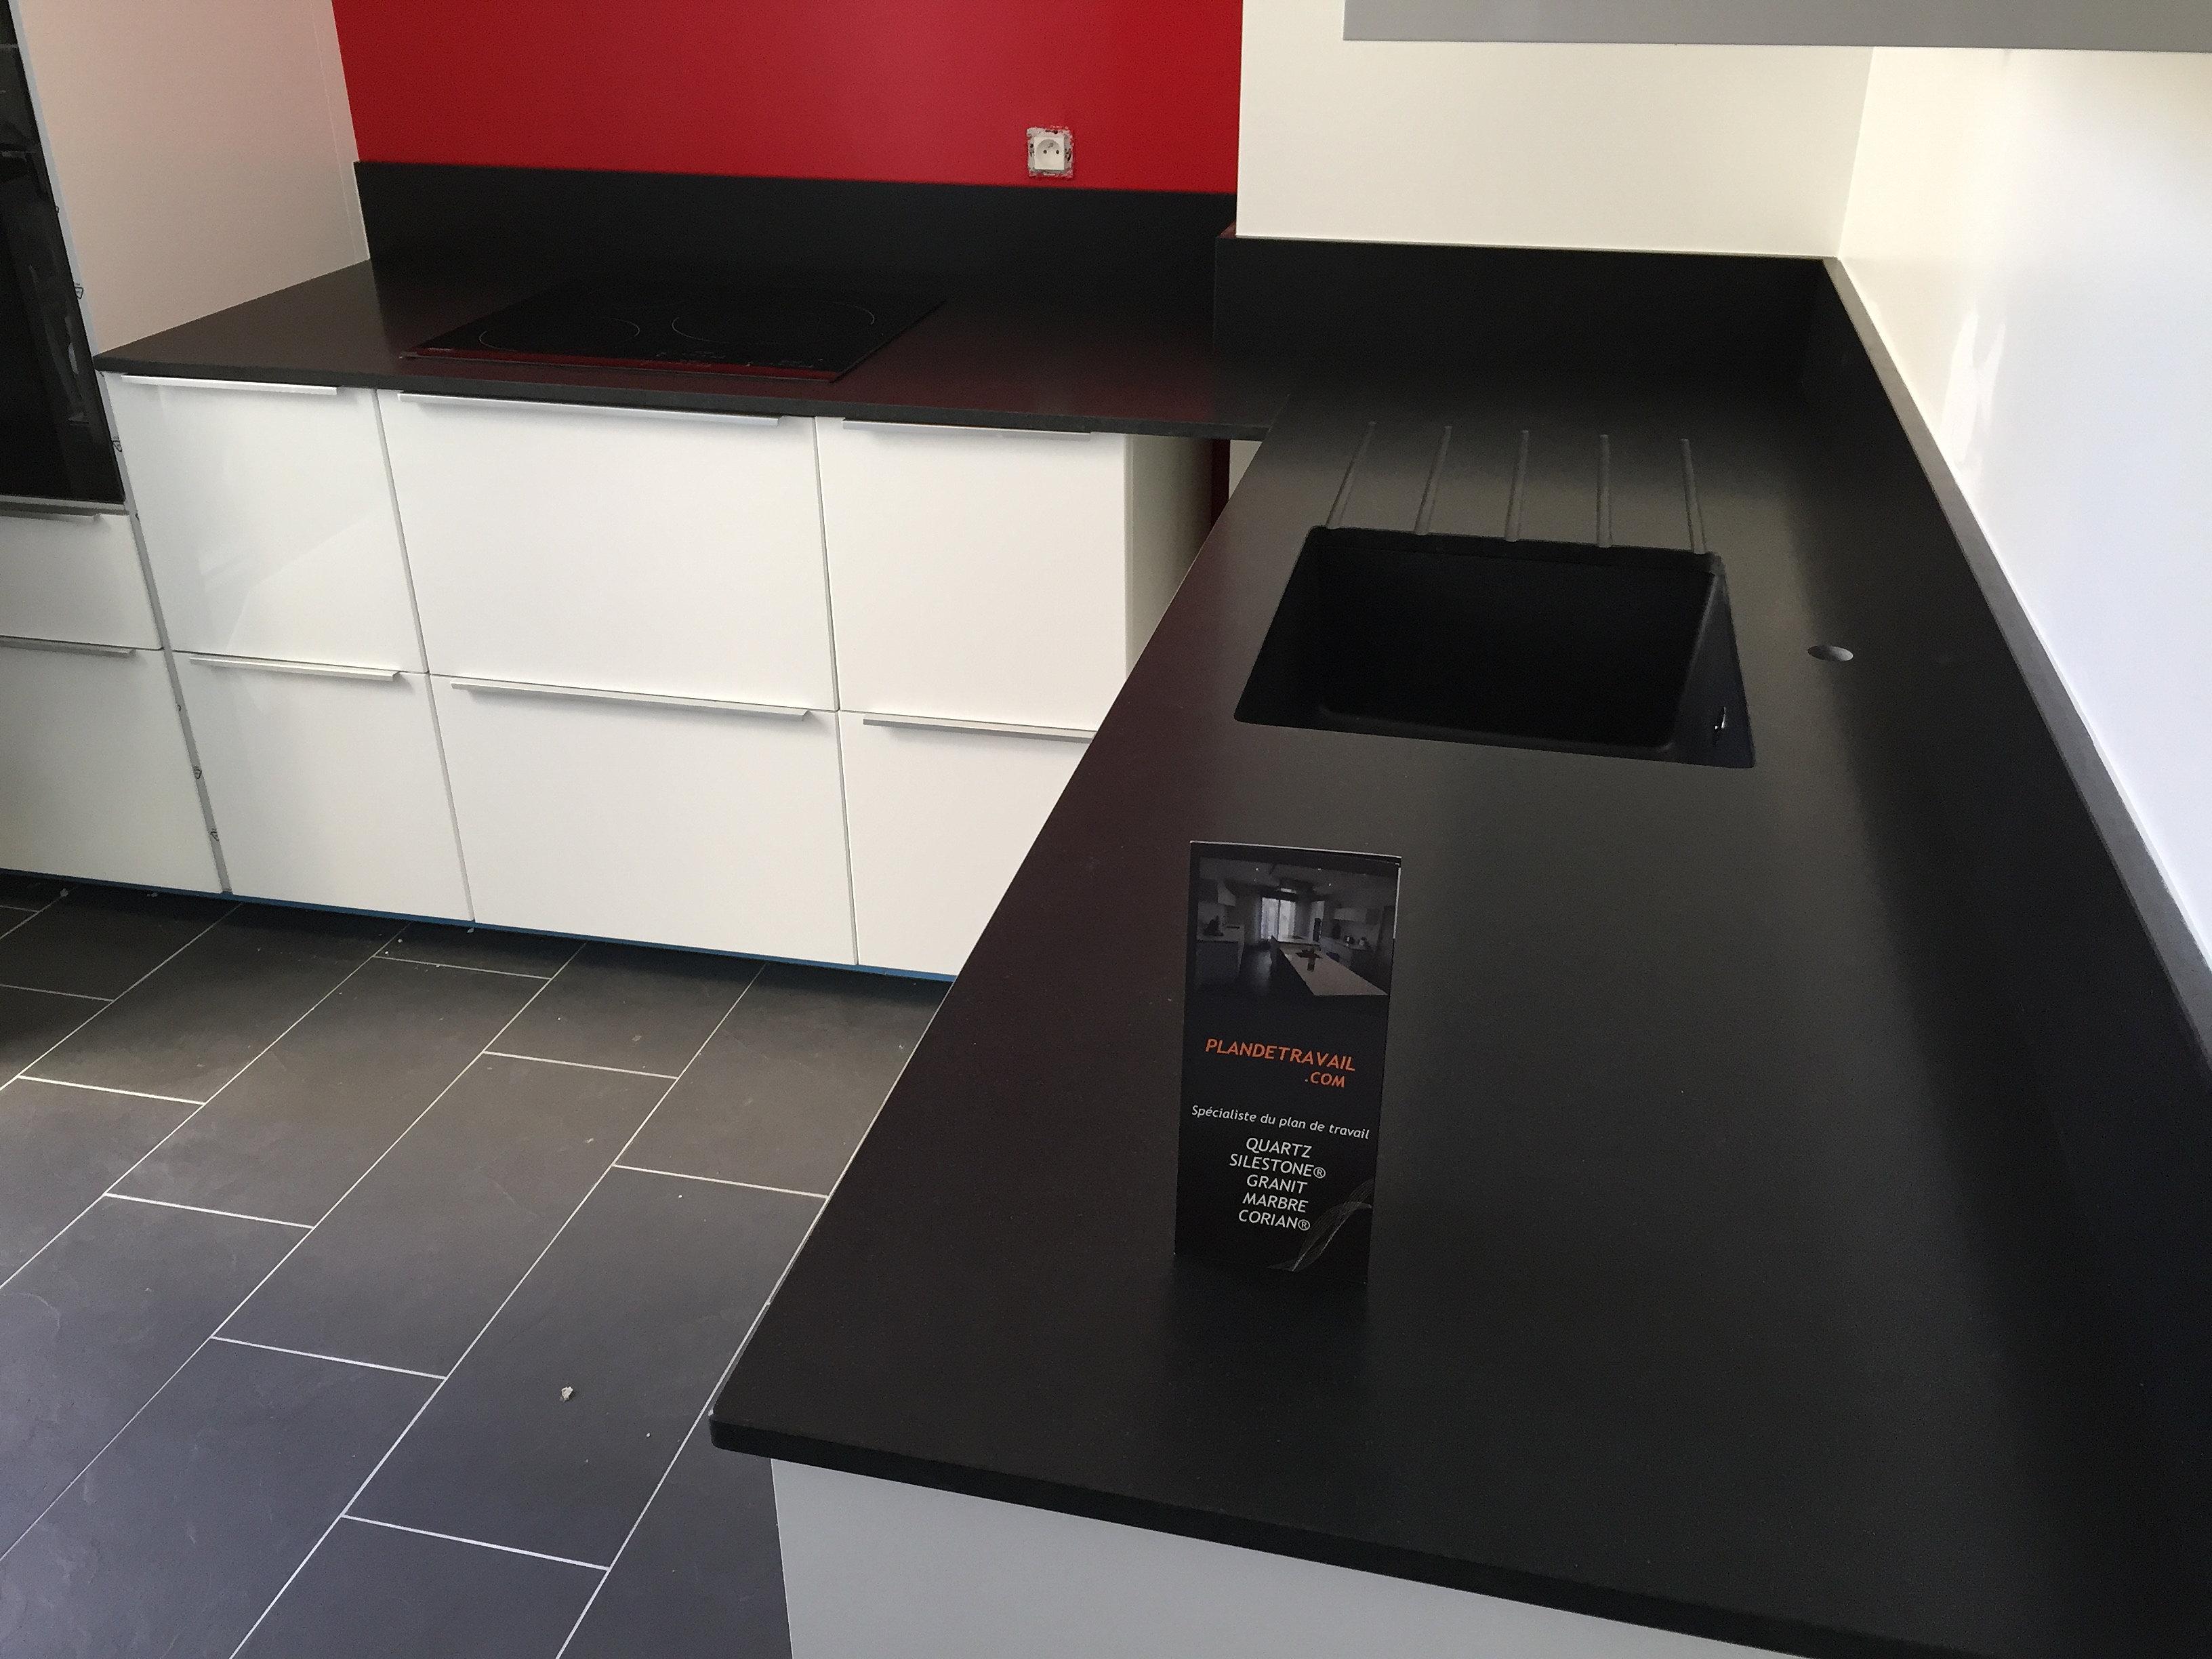 devis plan de travail com paris granit quartz marbre cuisine granit noir finition cuir. Black Bedroom Furniture Sets. Home Design Ideas